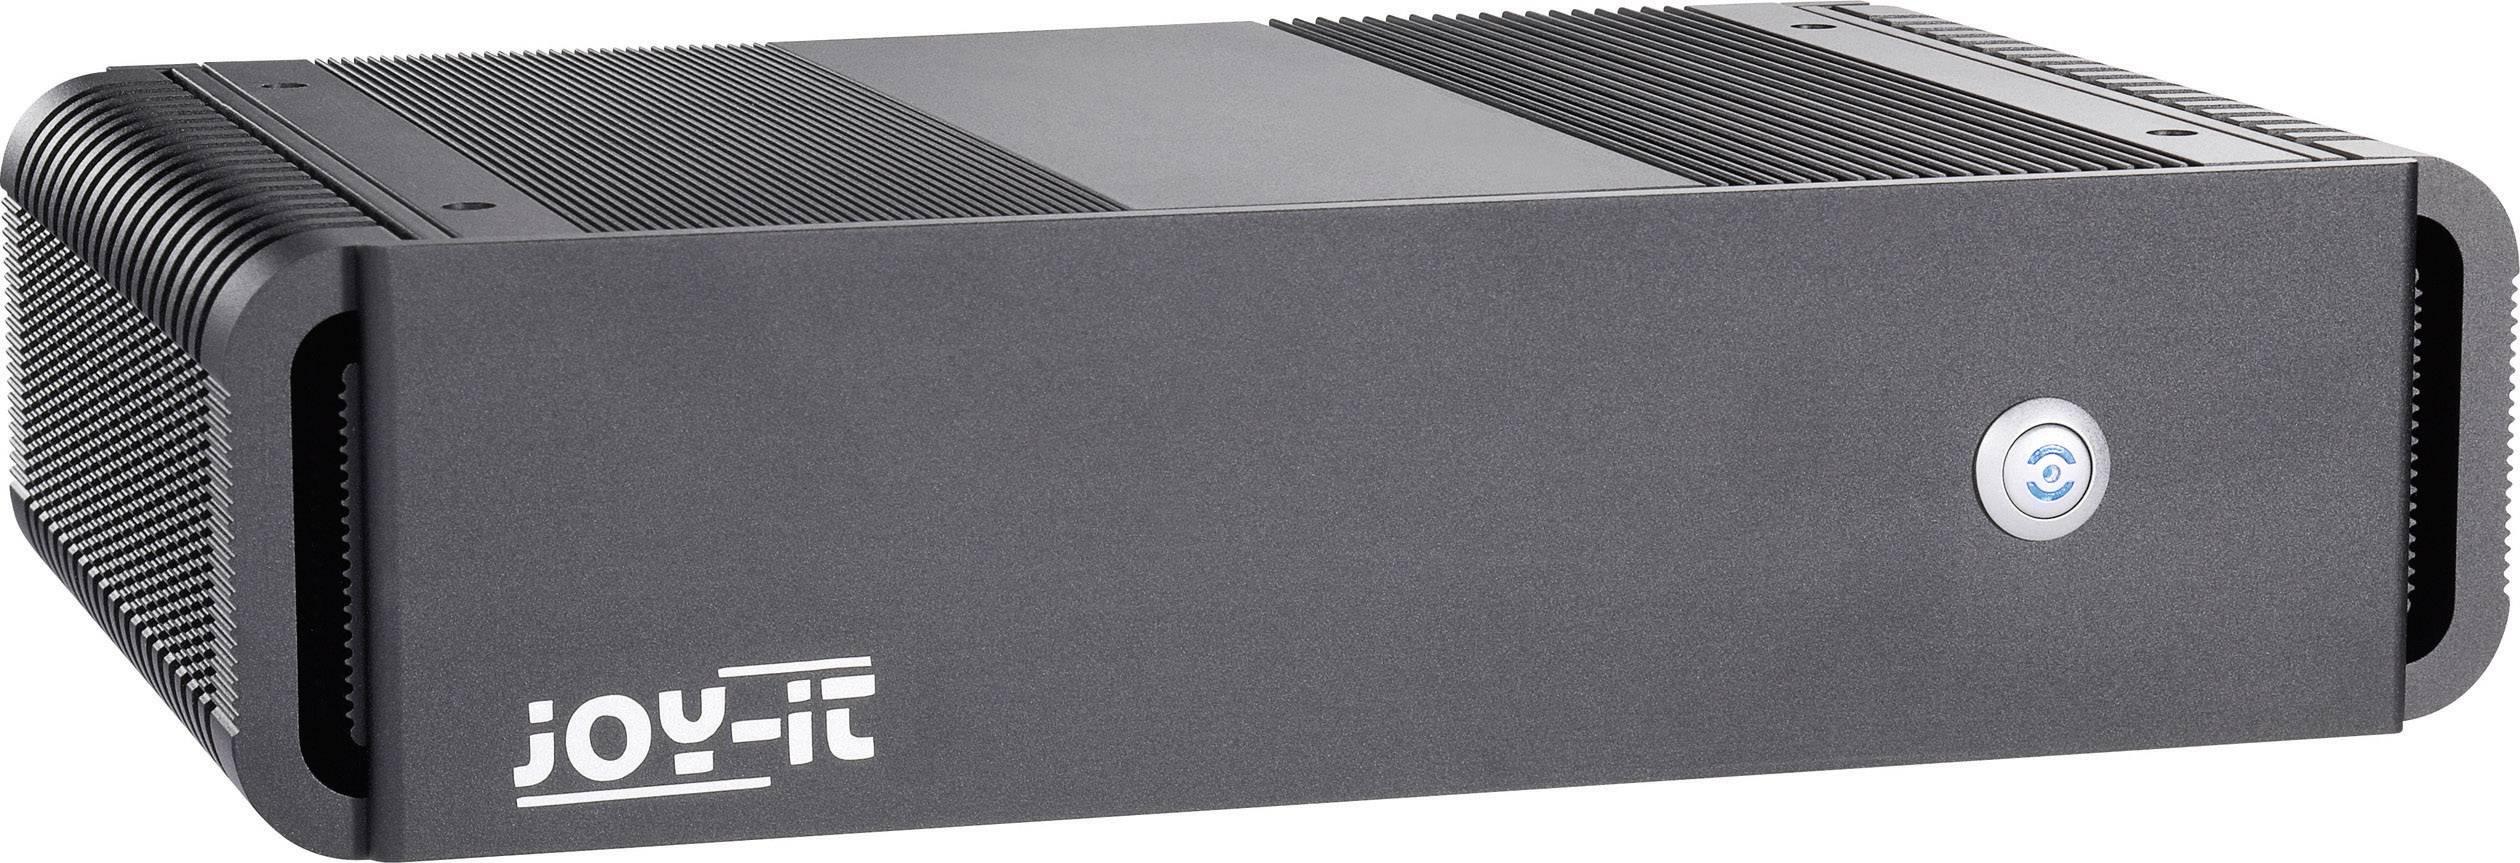 Průmyslové PC Joy-it IPC-3610ME-8-240 Intel® Core™ i5, dodáváno bez systému